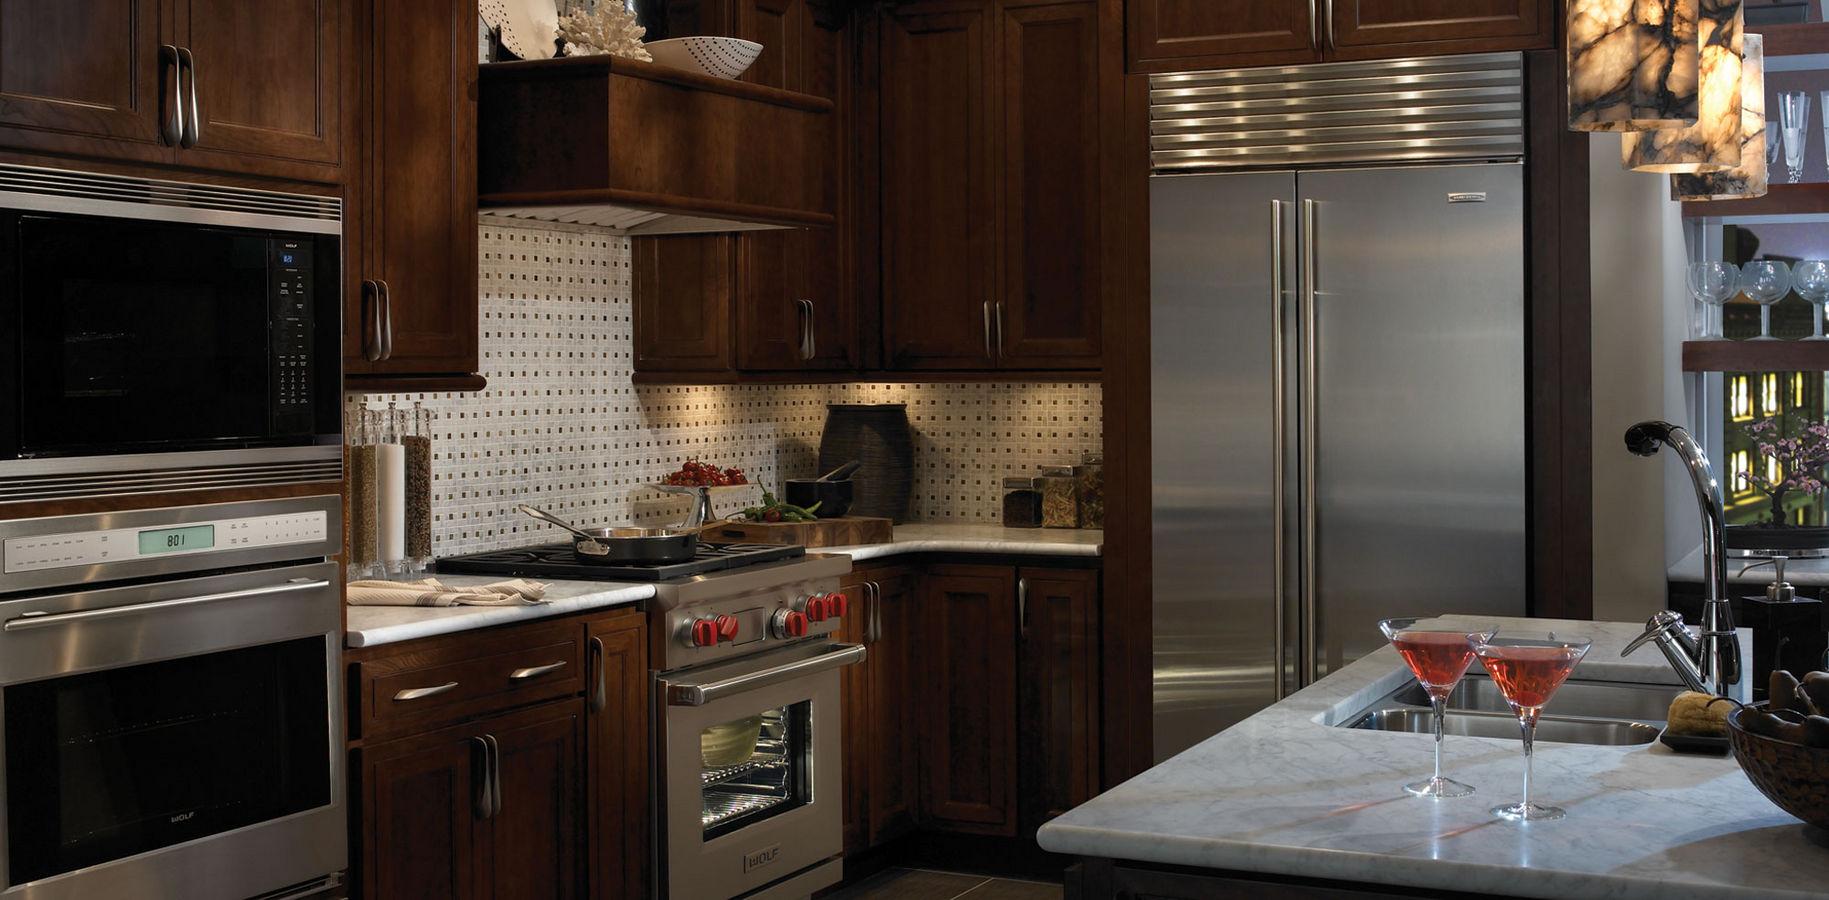 Sub Zero Bi 36s Side By Side Refrigerator Amp Freezer Price